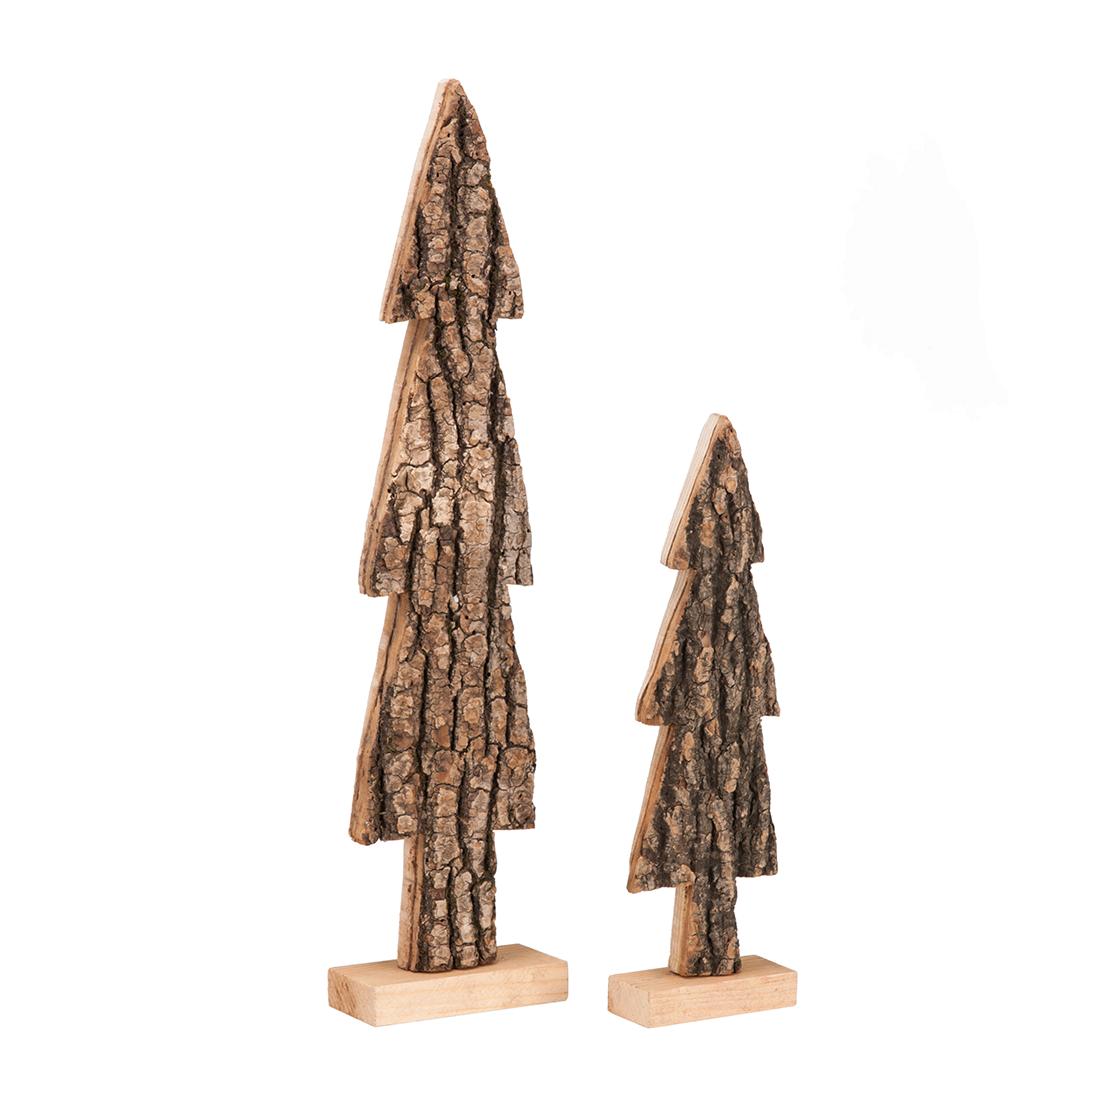 2er set deko b ume holz holzbaum weihnachten winter deko. Black Bedroom Furniture Sets. Home Design Ideas